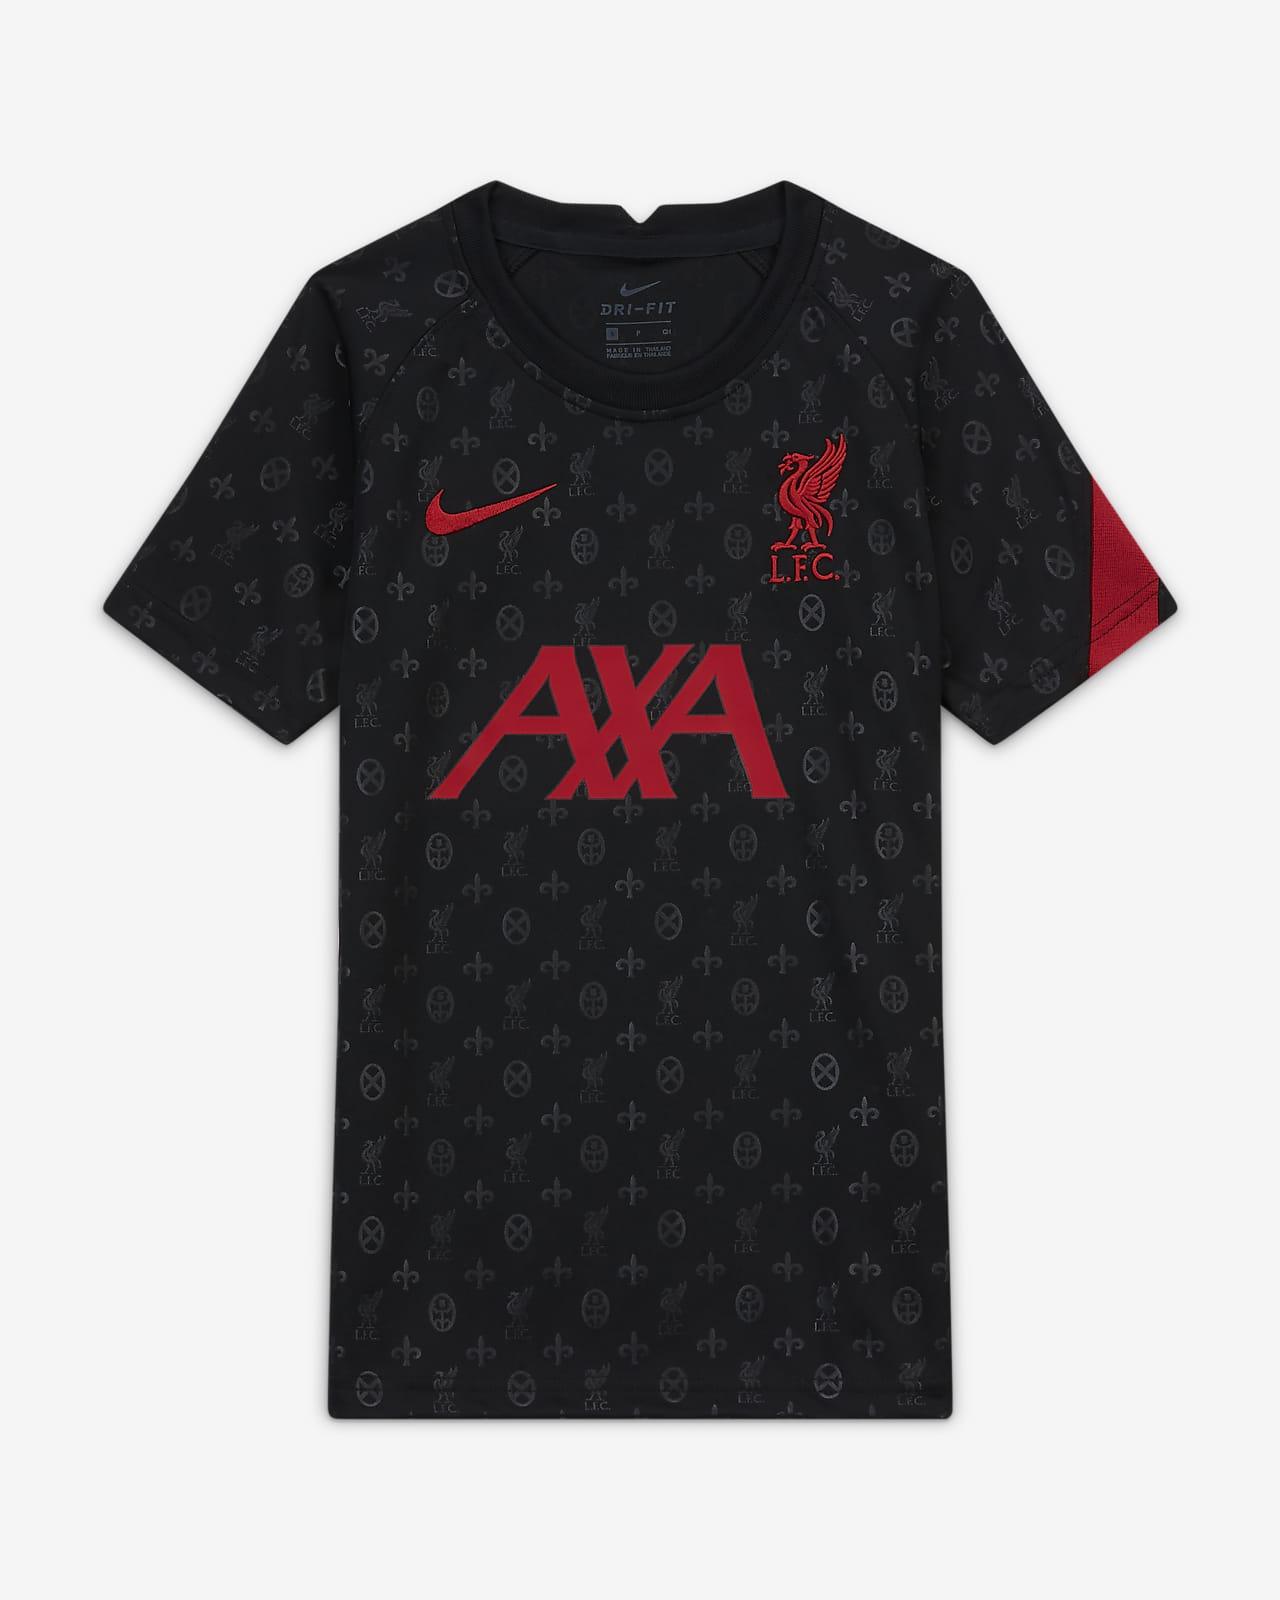 Kortärmad fotbollströja för uppvärmning Liverpool FC för ungdom